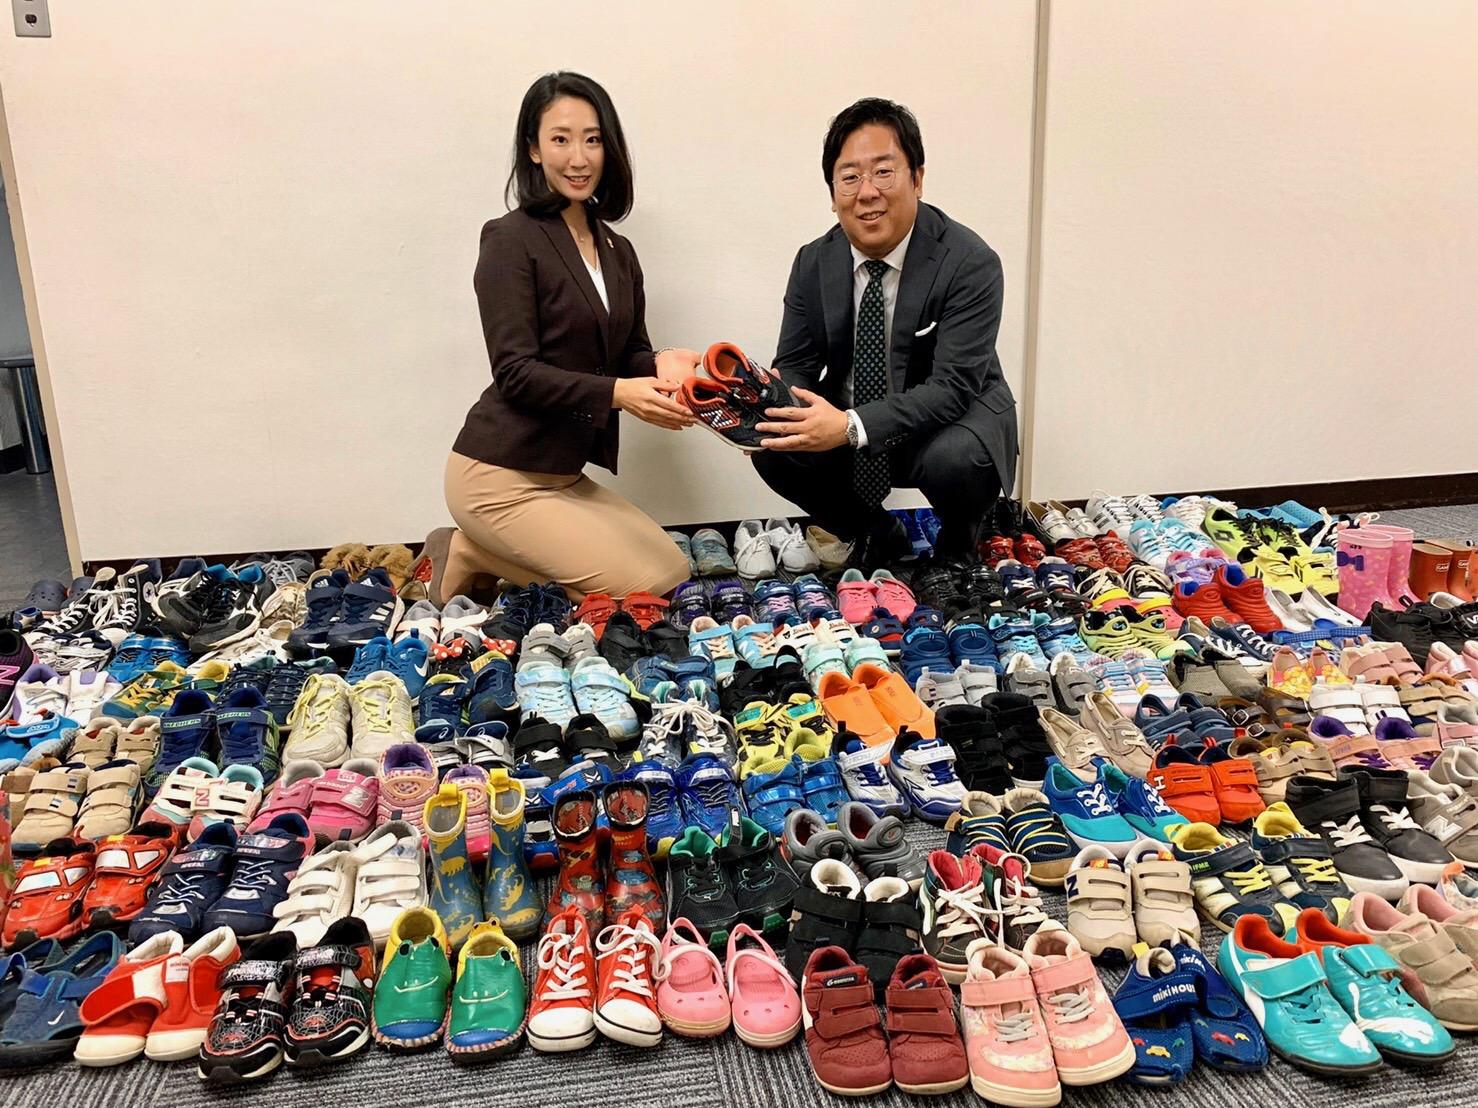 国際ボランティア「スニーカーエンジェル」に靴を寄贈致しました。